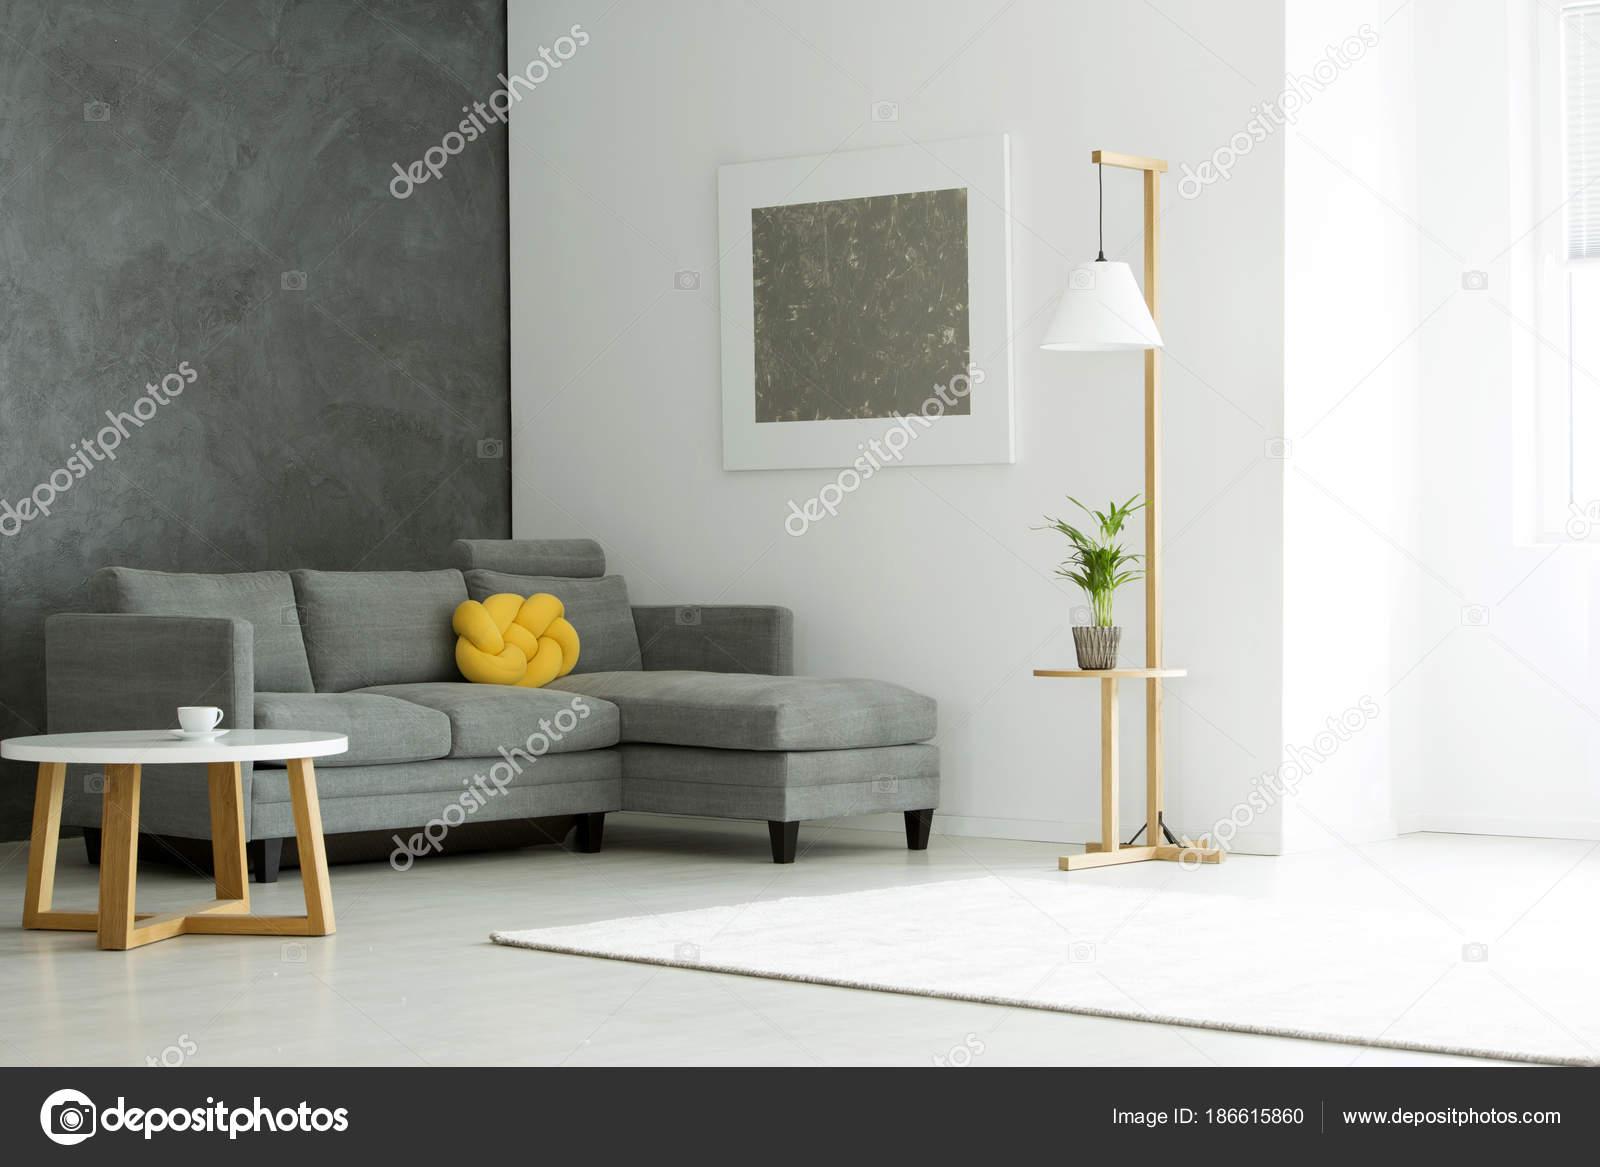 Uberlegen Graue Malerei Im Wohnzimmer U2014 Stockfoto